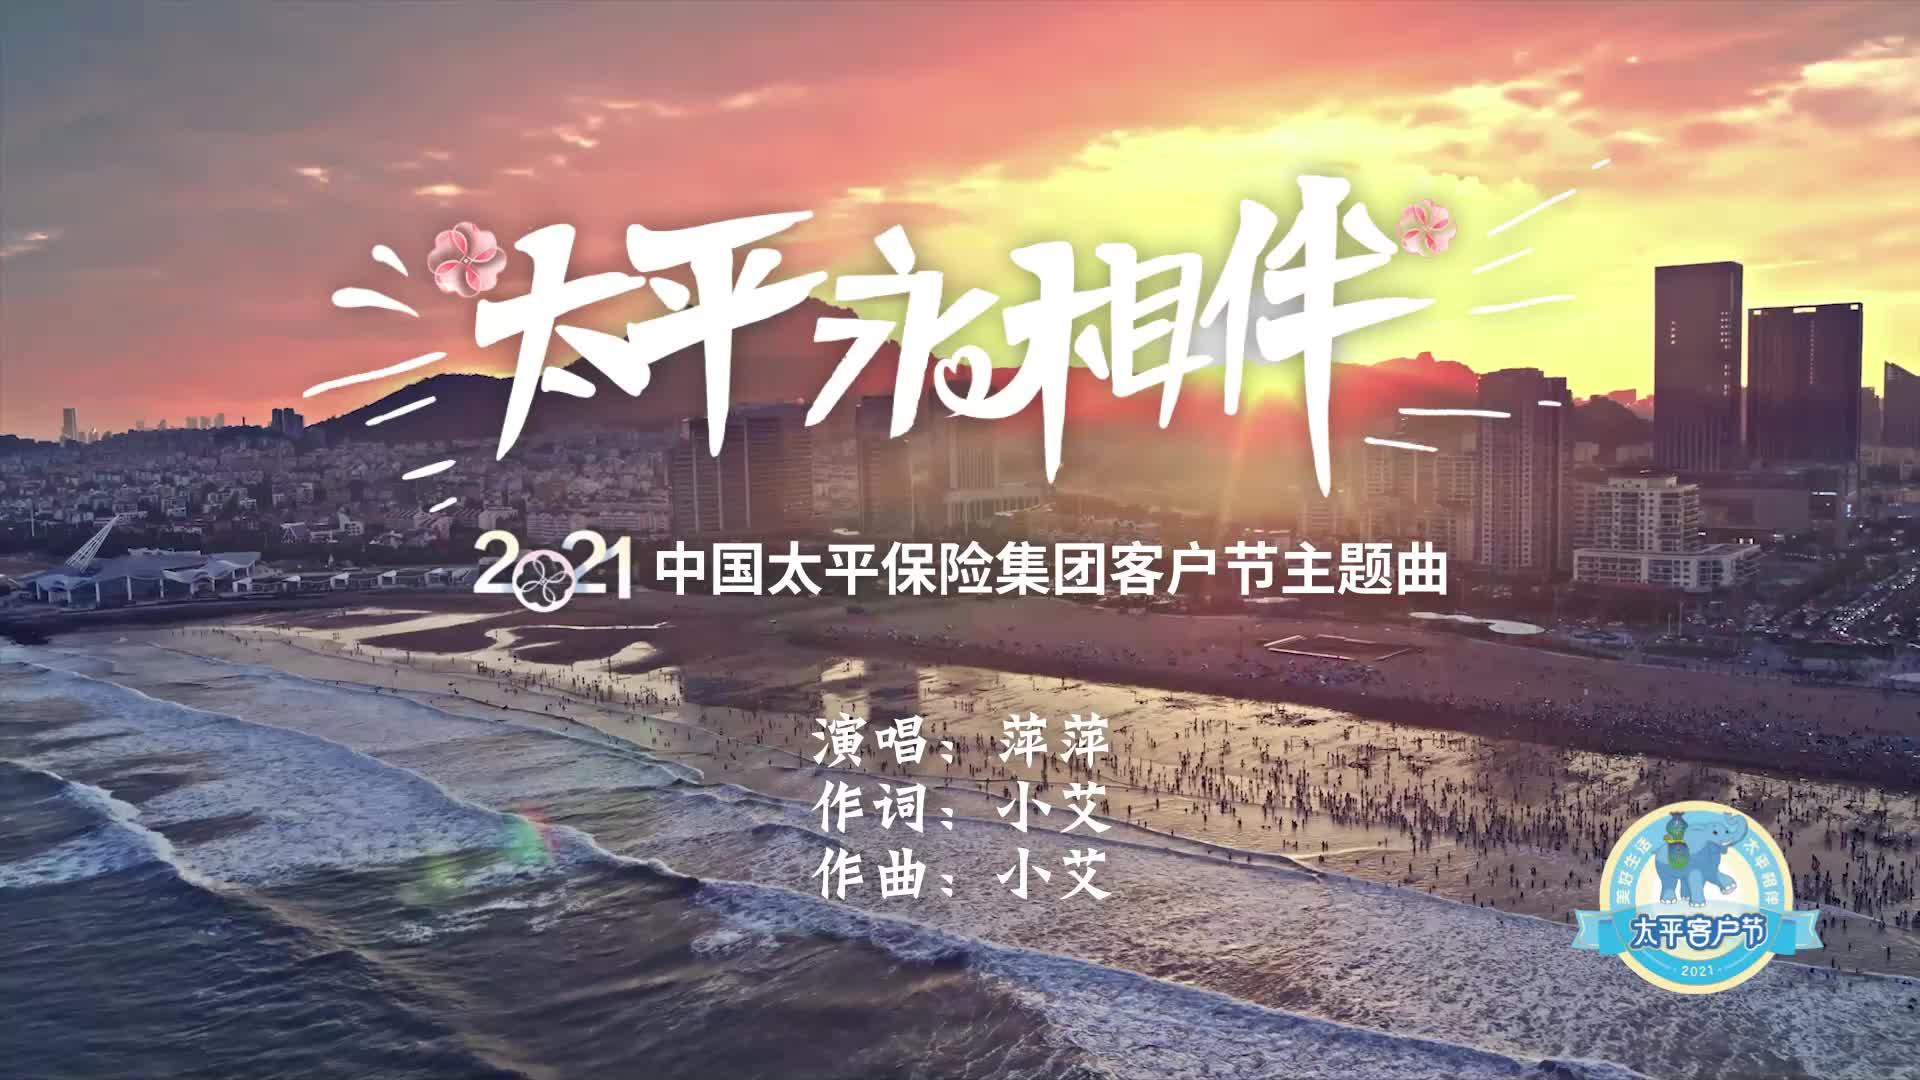 2021太平客户节主题曲—太平永相伴